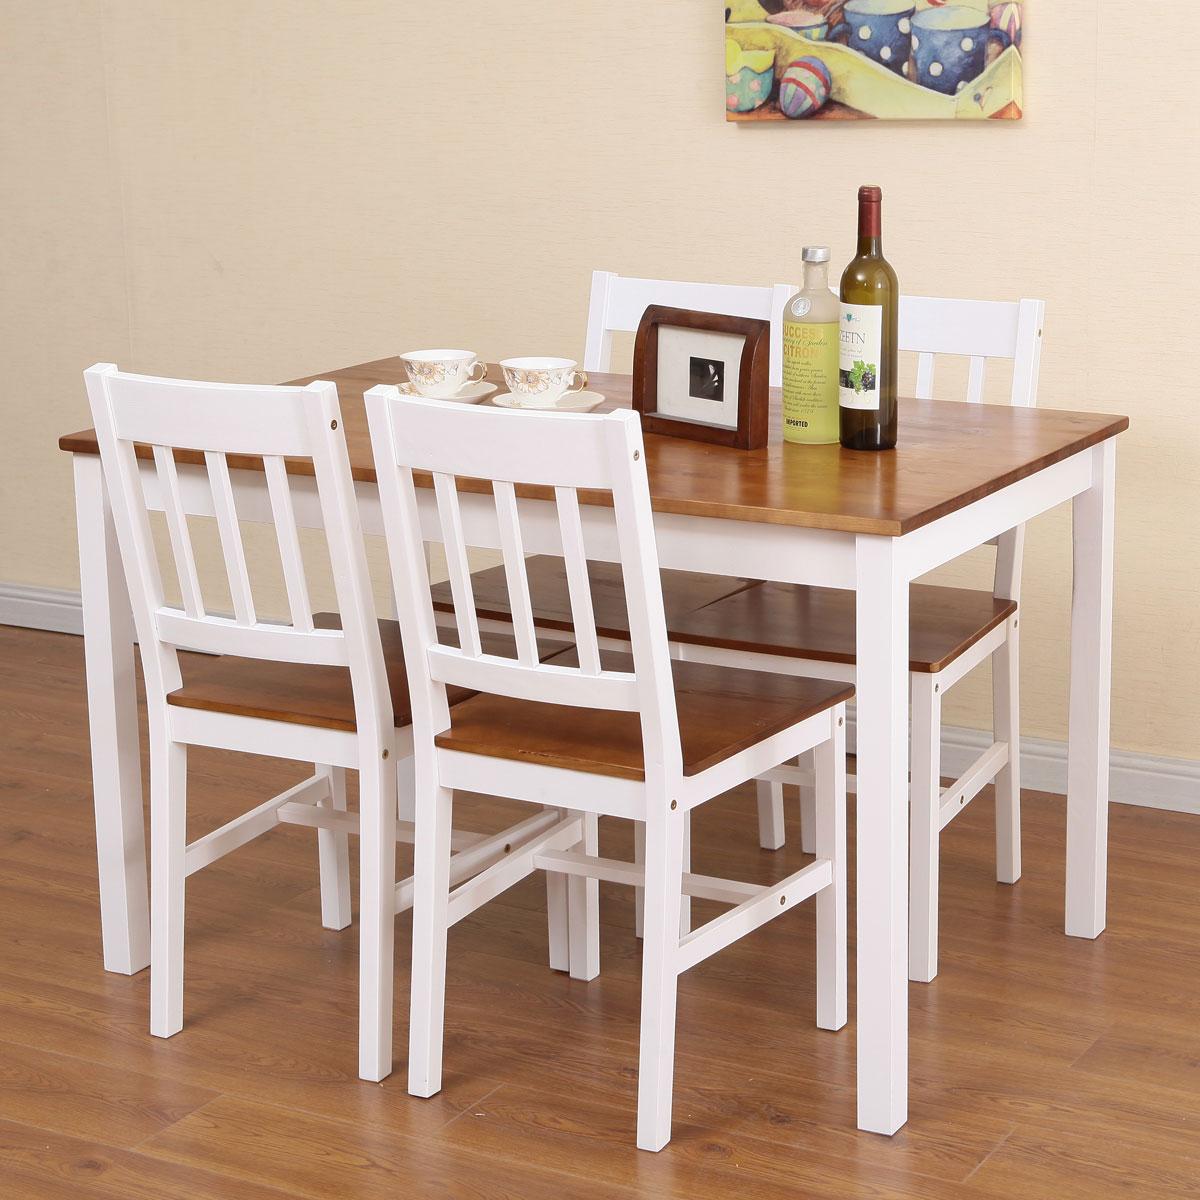 שולחן פינת אוכל עם 4 כיסאות מעץ מלא בעיצוב אלגנטי - תמונה 2